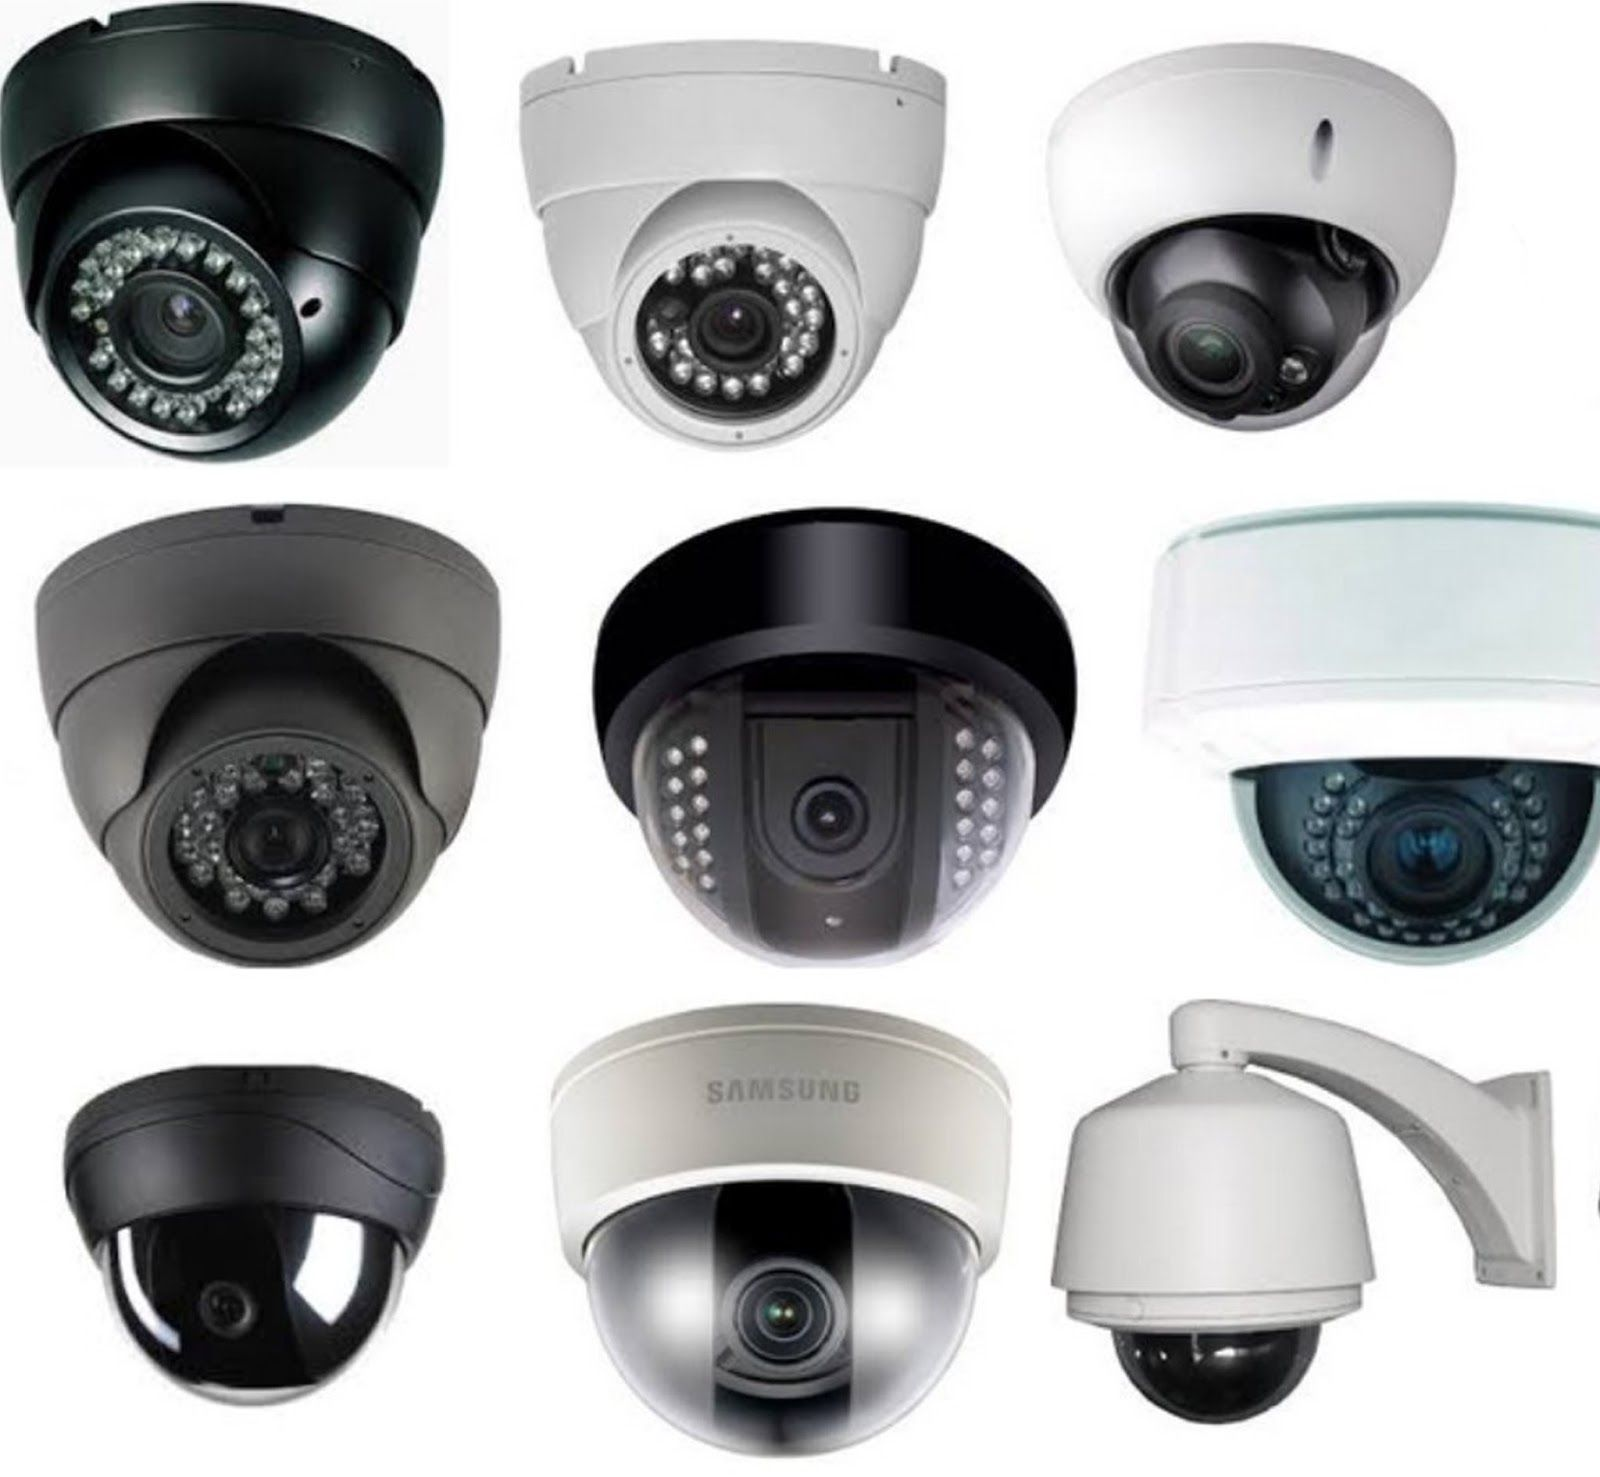 Situs CCTV Cari Kamera Pengawas?. Sebelum memutuskan